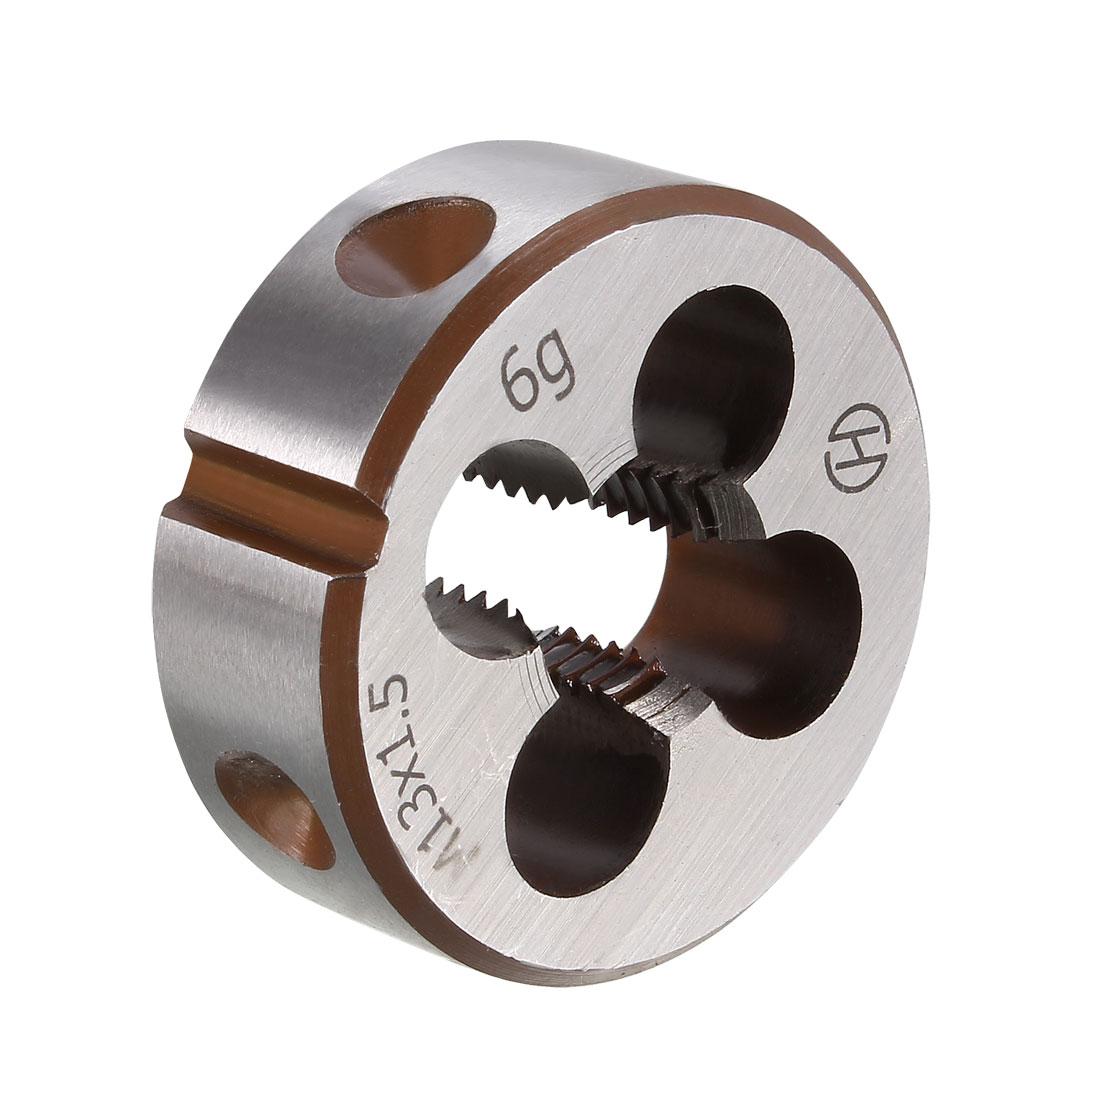 M13 X 1.5 Metric Round Die Machine Thread Threading Die 38mm OD Alloy Steel